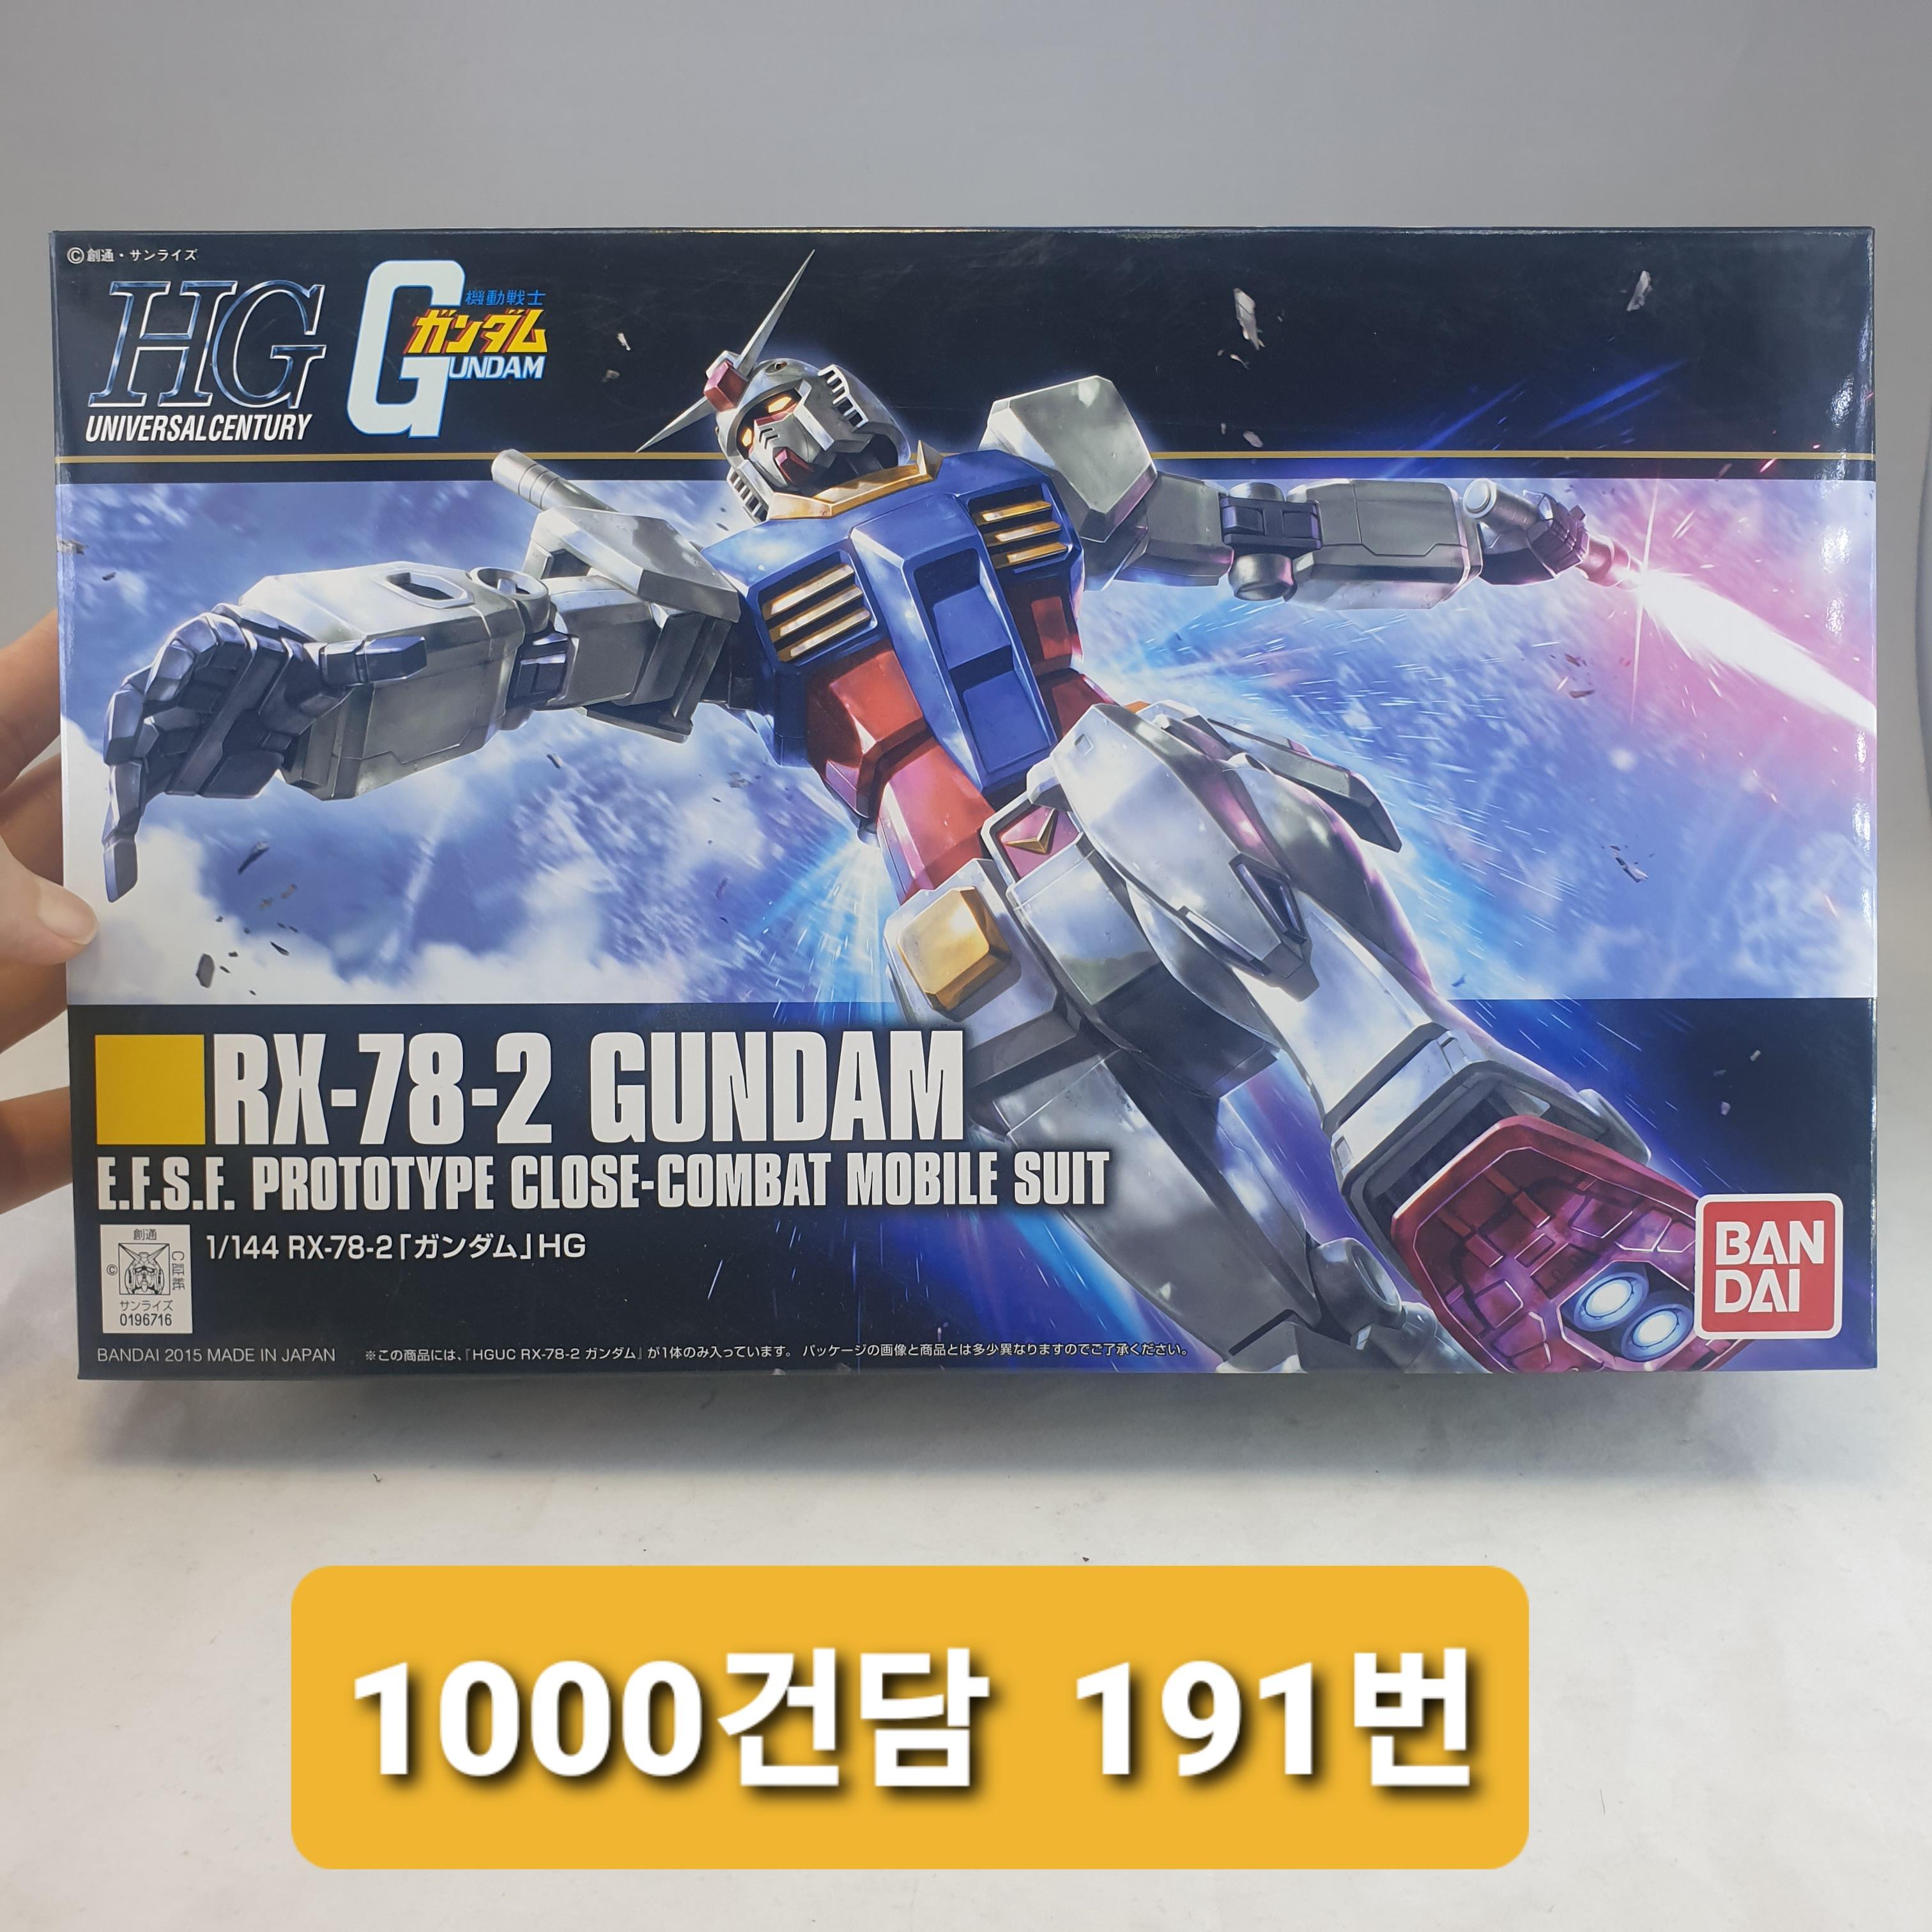 1000프라모델191